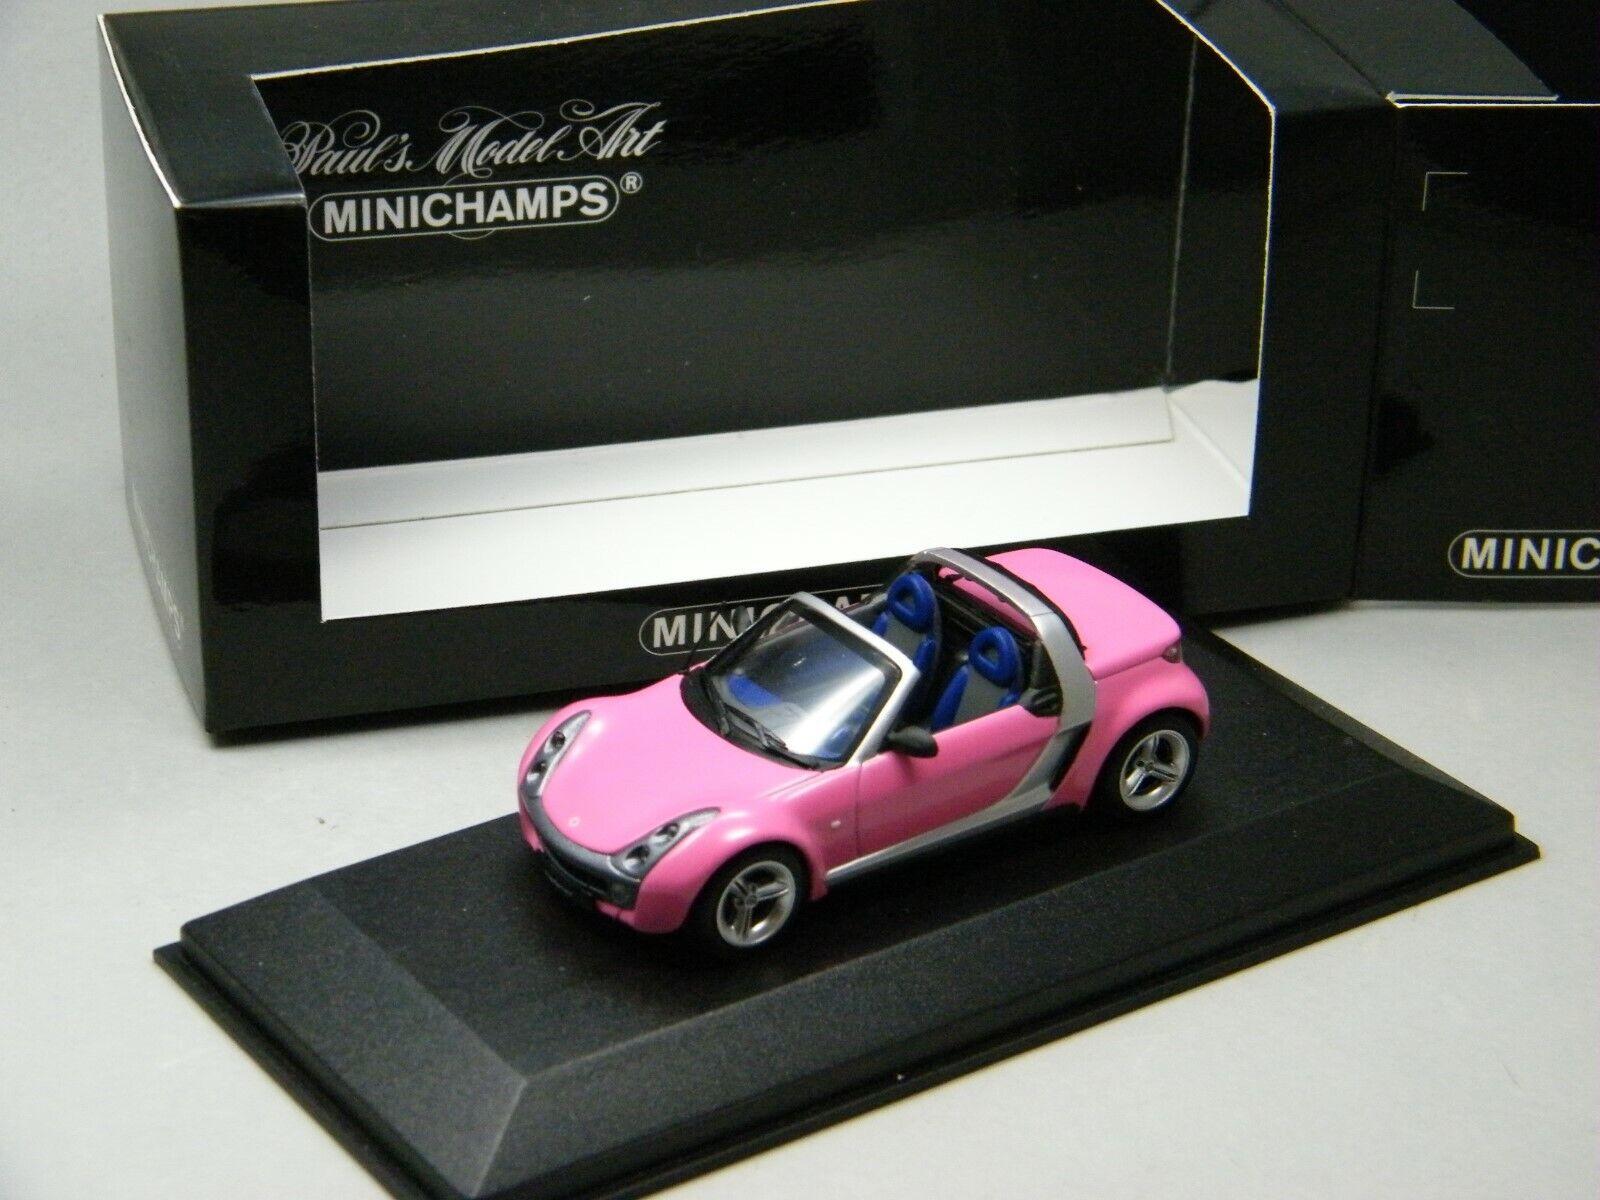 1 43 Minichamps smart roadster converdeible rosadodo lectores elección vencedor auto muy rara vez